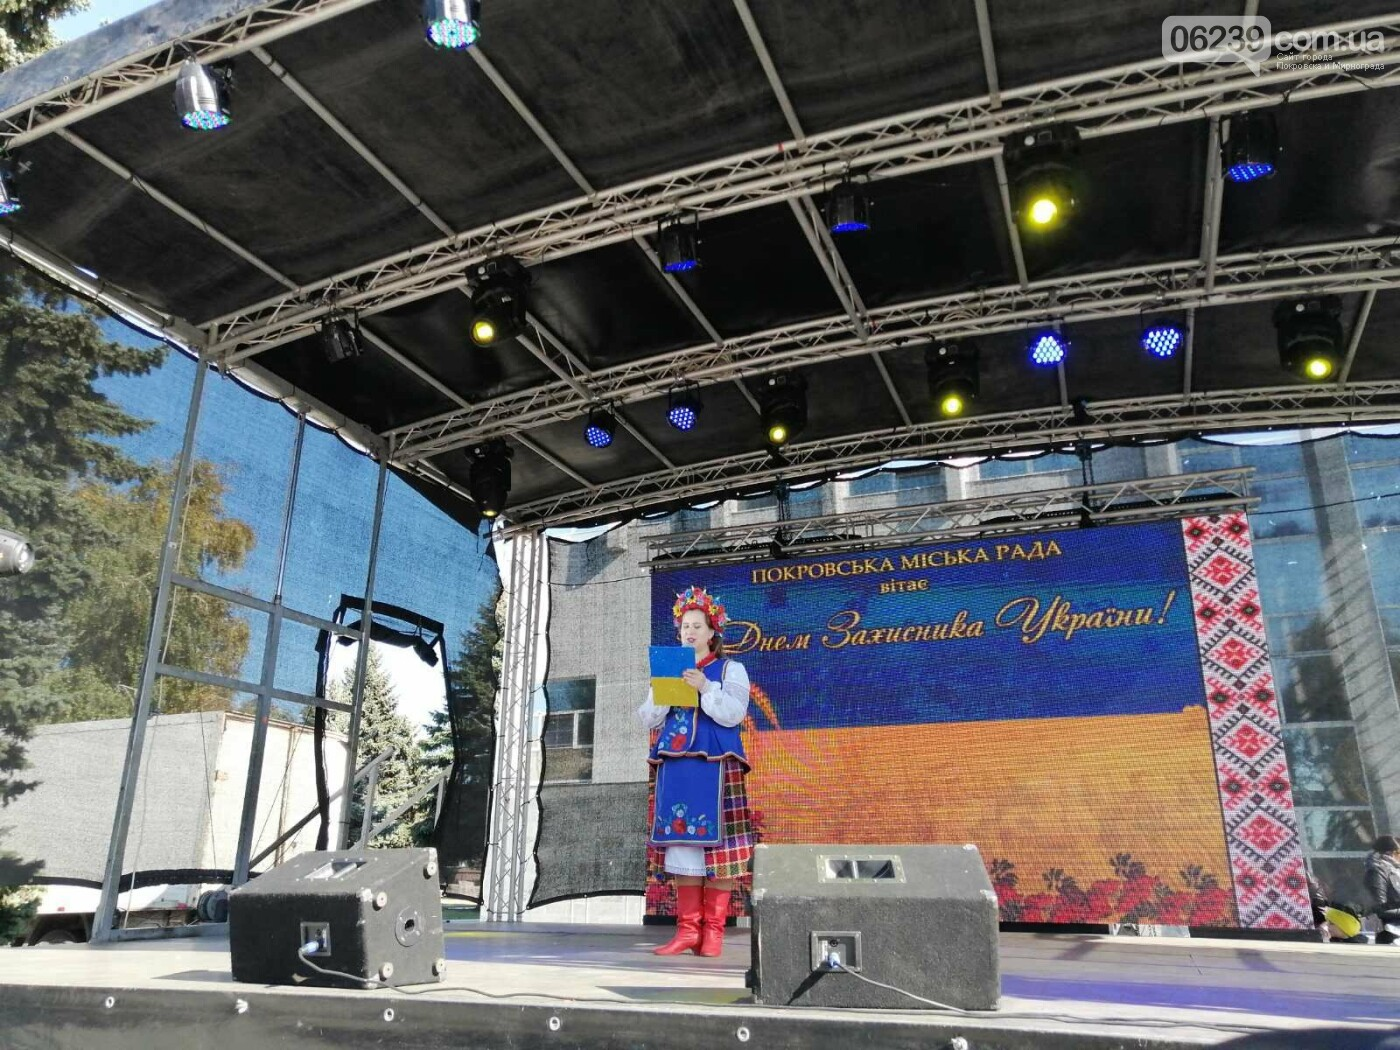 Святкова программа на честь святкування Дня захисника триває у Покровську, фото-13